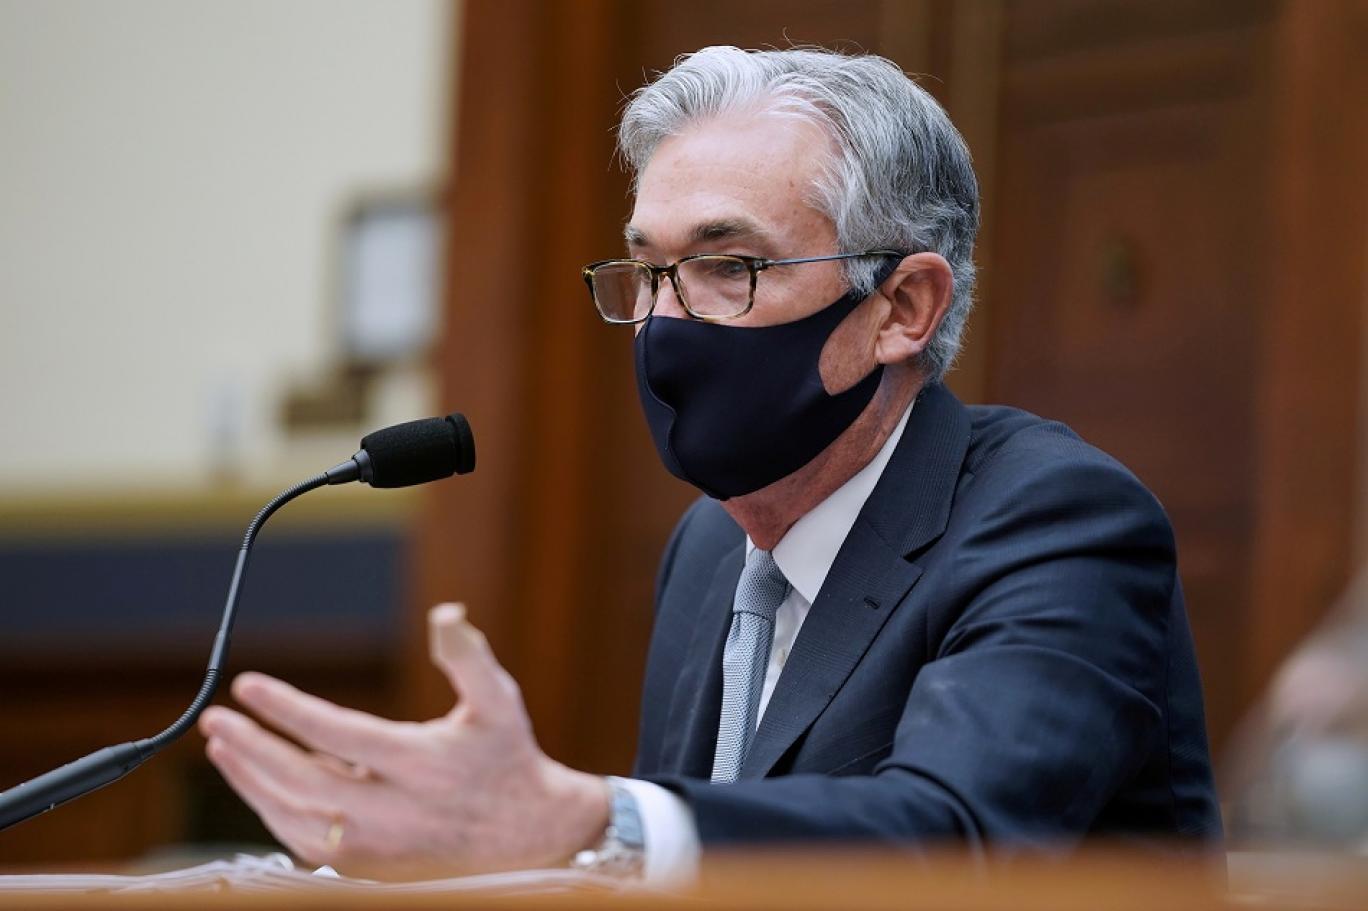 تعرف على السياسات النقدية وما المتوقع قبل اجتماع الفيدرالي